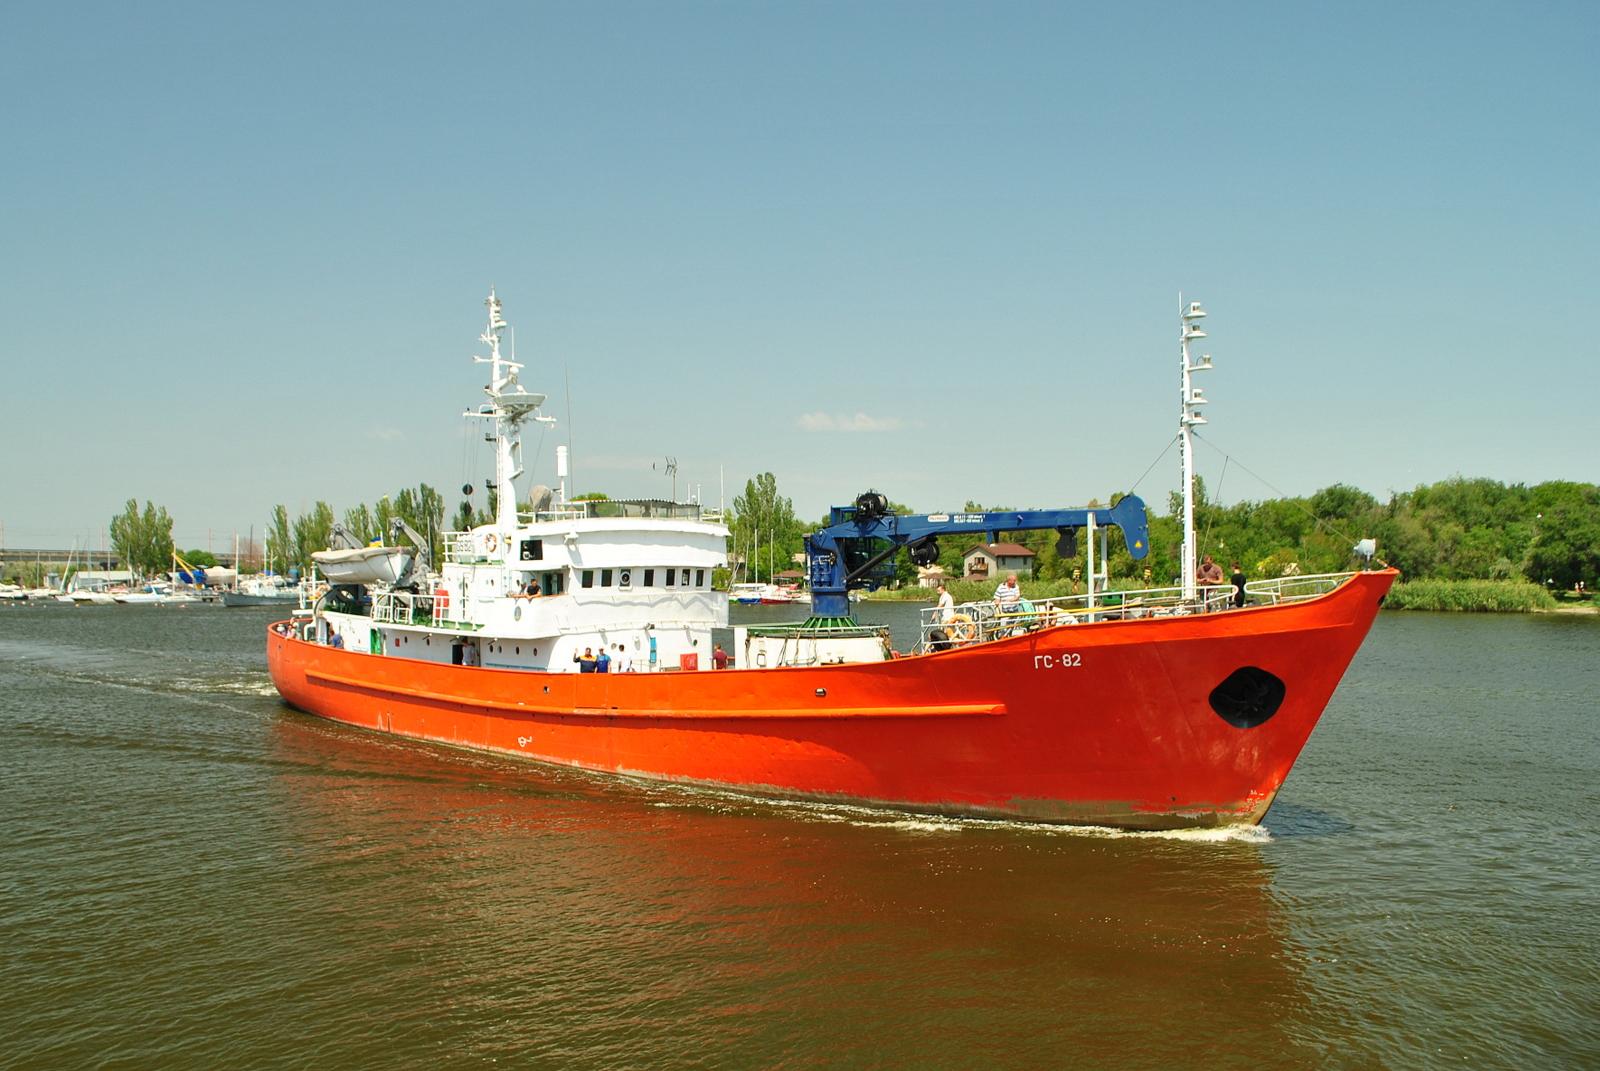 Гідрографічне судно ГС-82 зайшло на капітальний ремонт